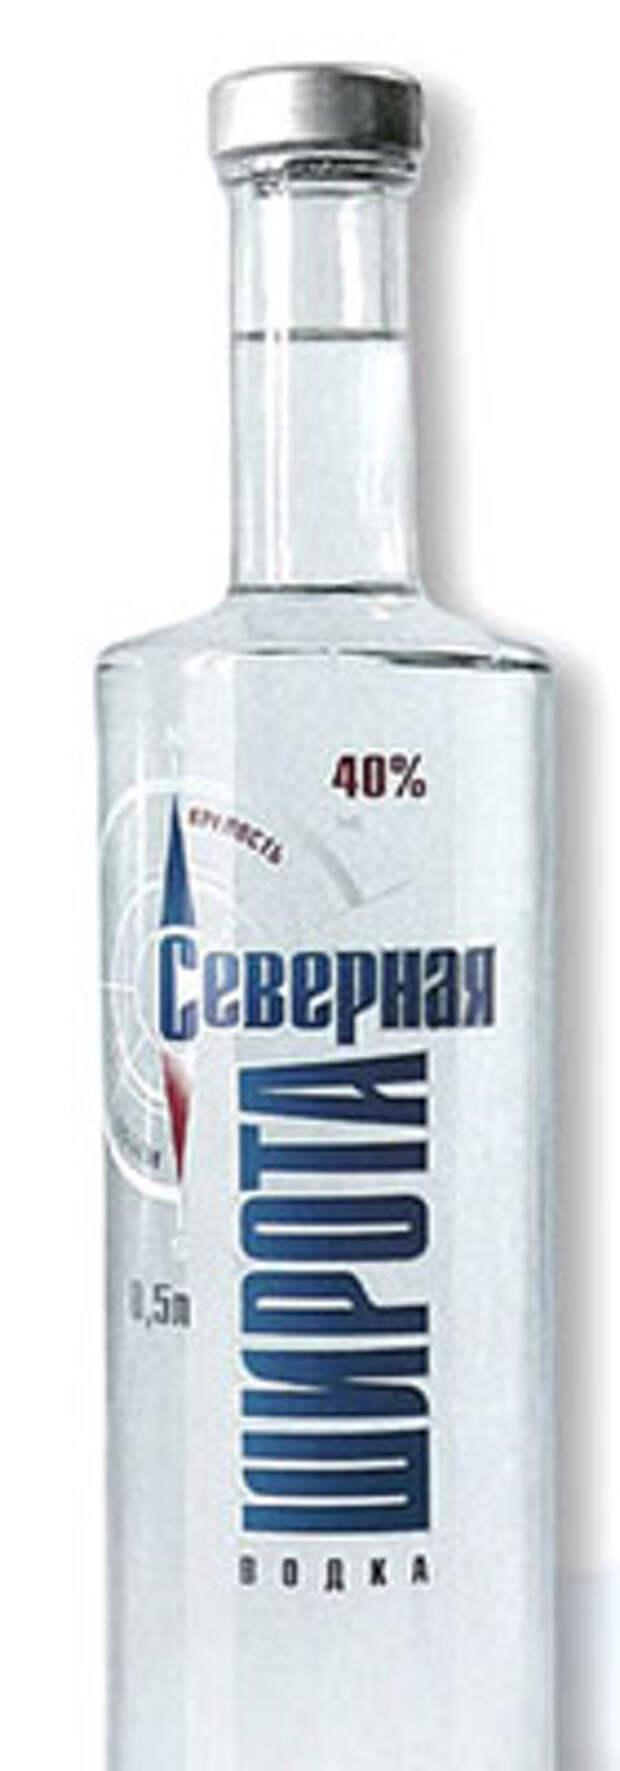 «Северная широта» - новое имя бренда от E-generator.ru